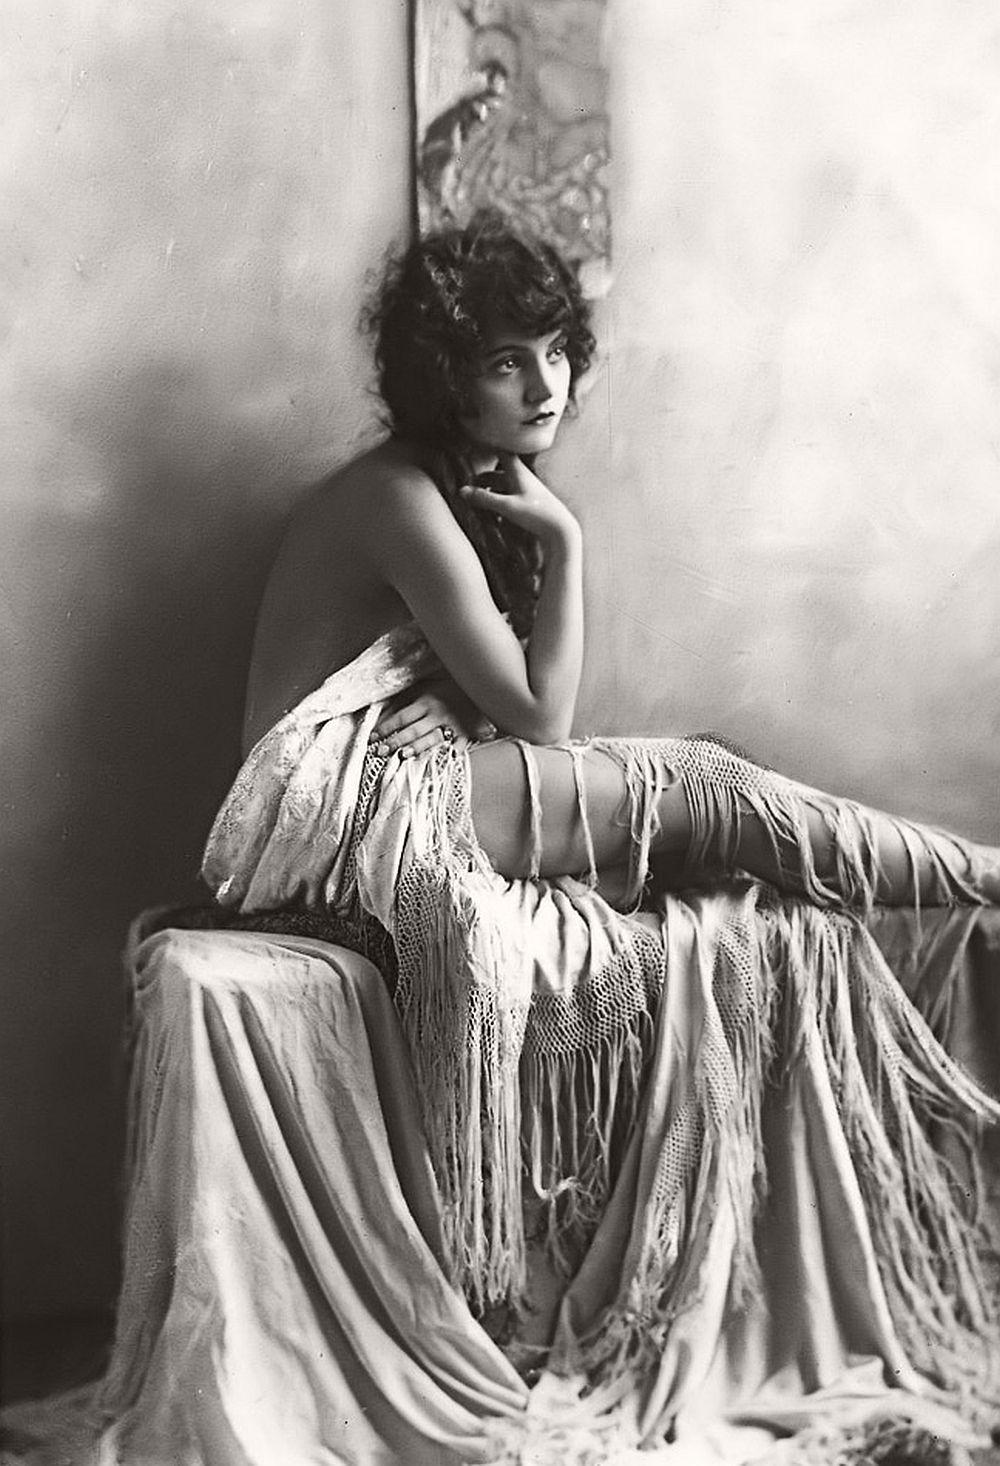 retro-vintage-nudes-erotica-1920s-08